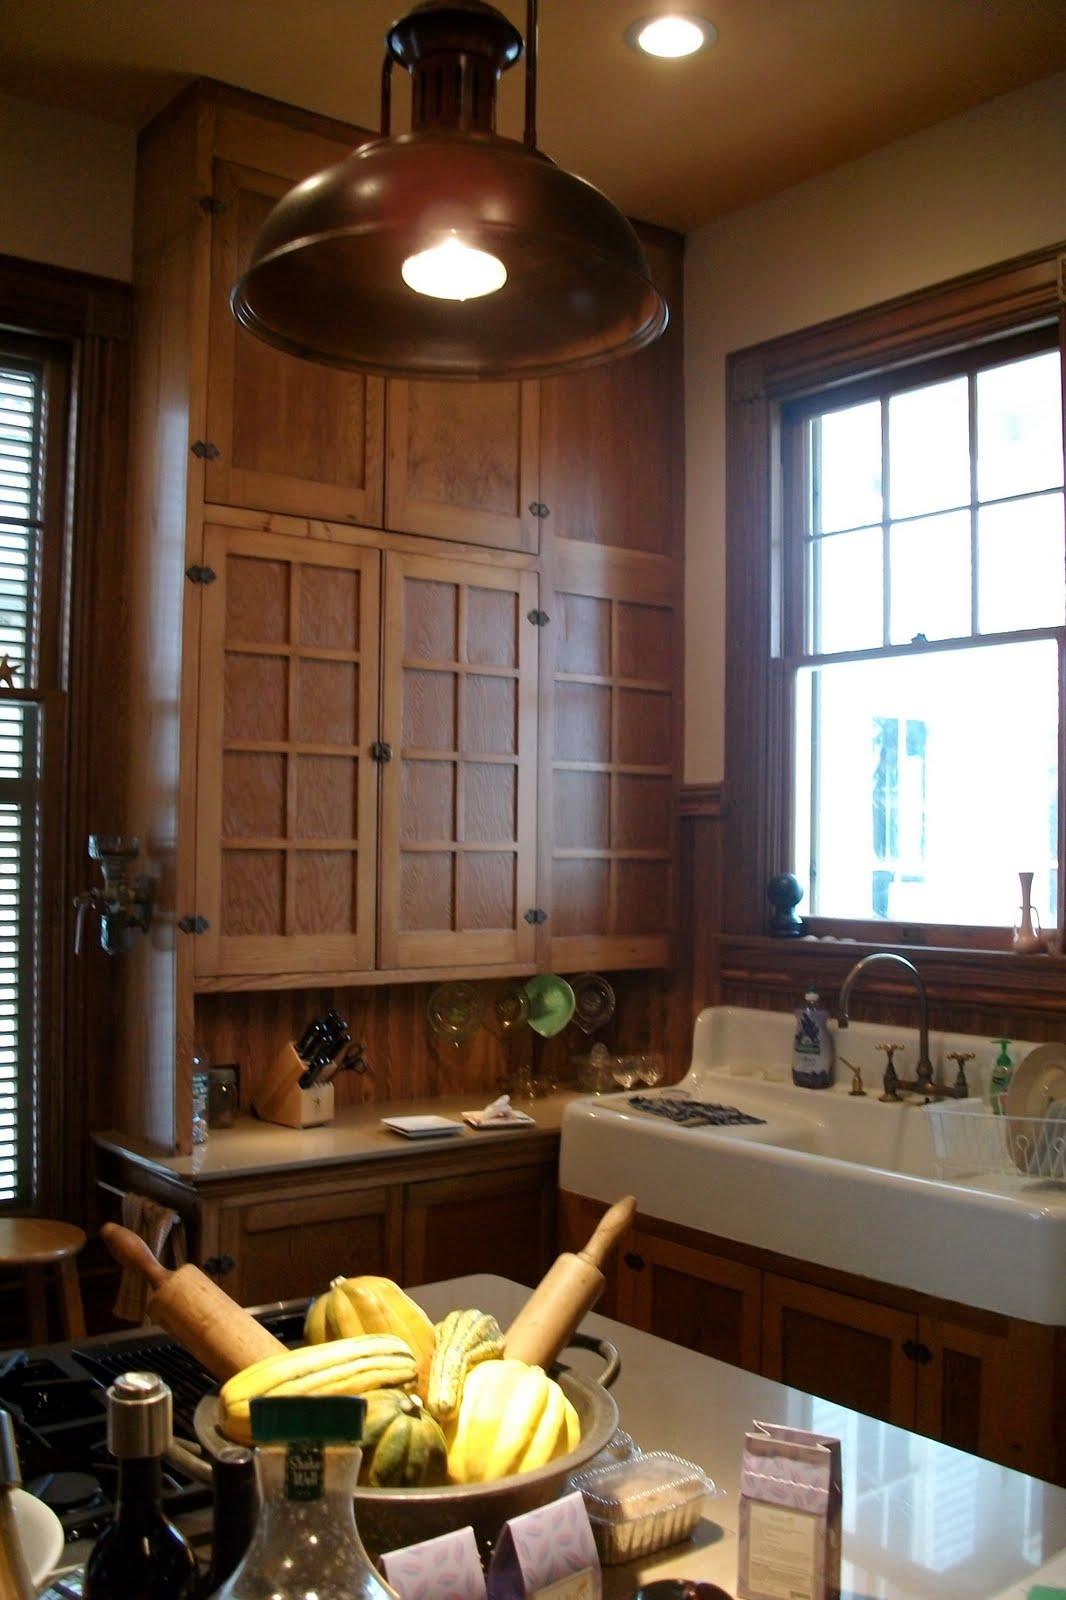 Susan S Colorful Life Galveston Victorian House Part Deux